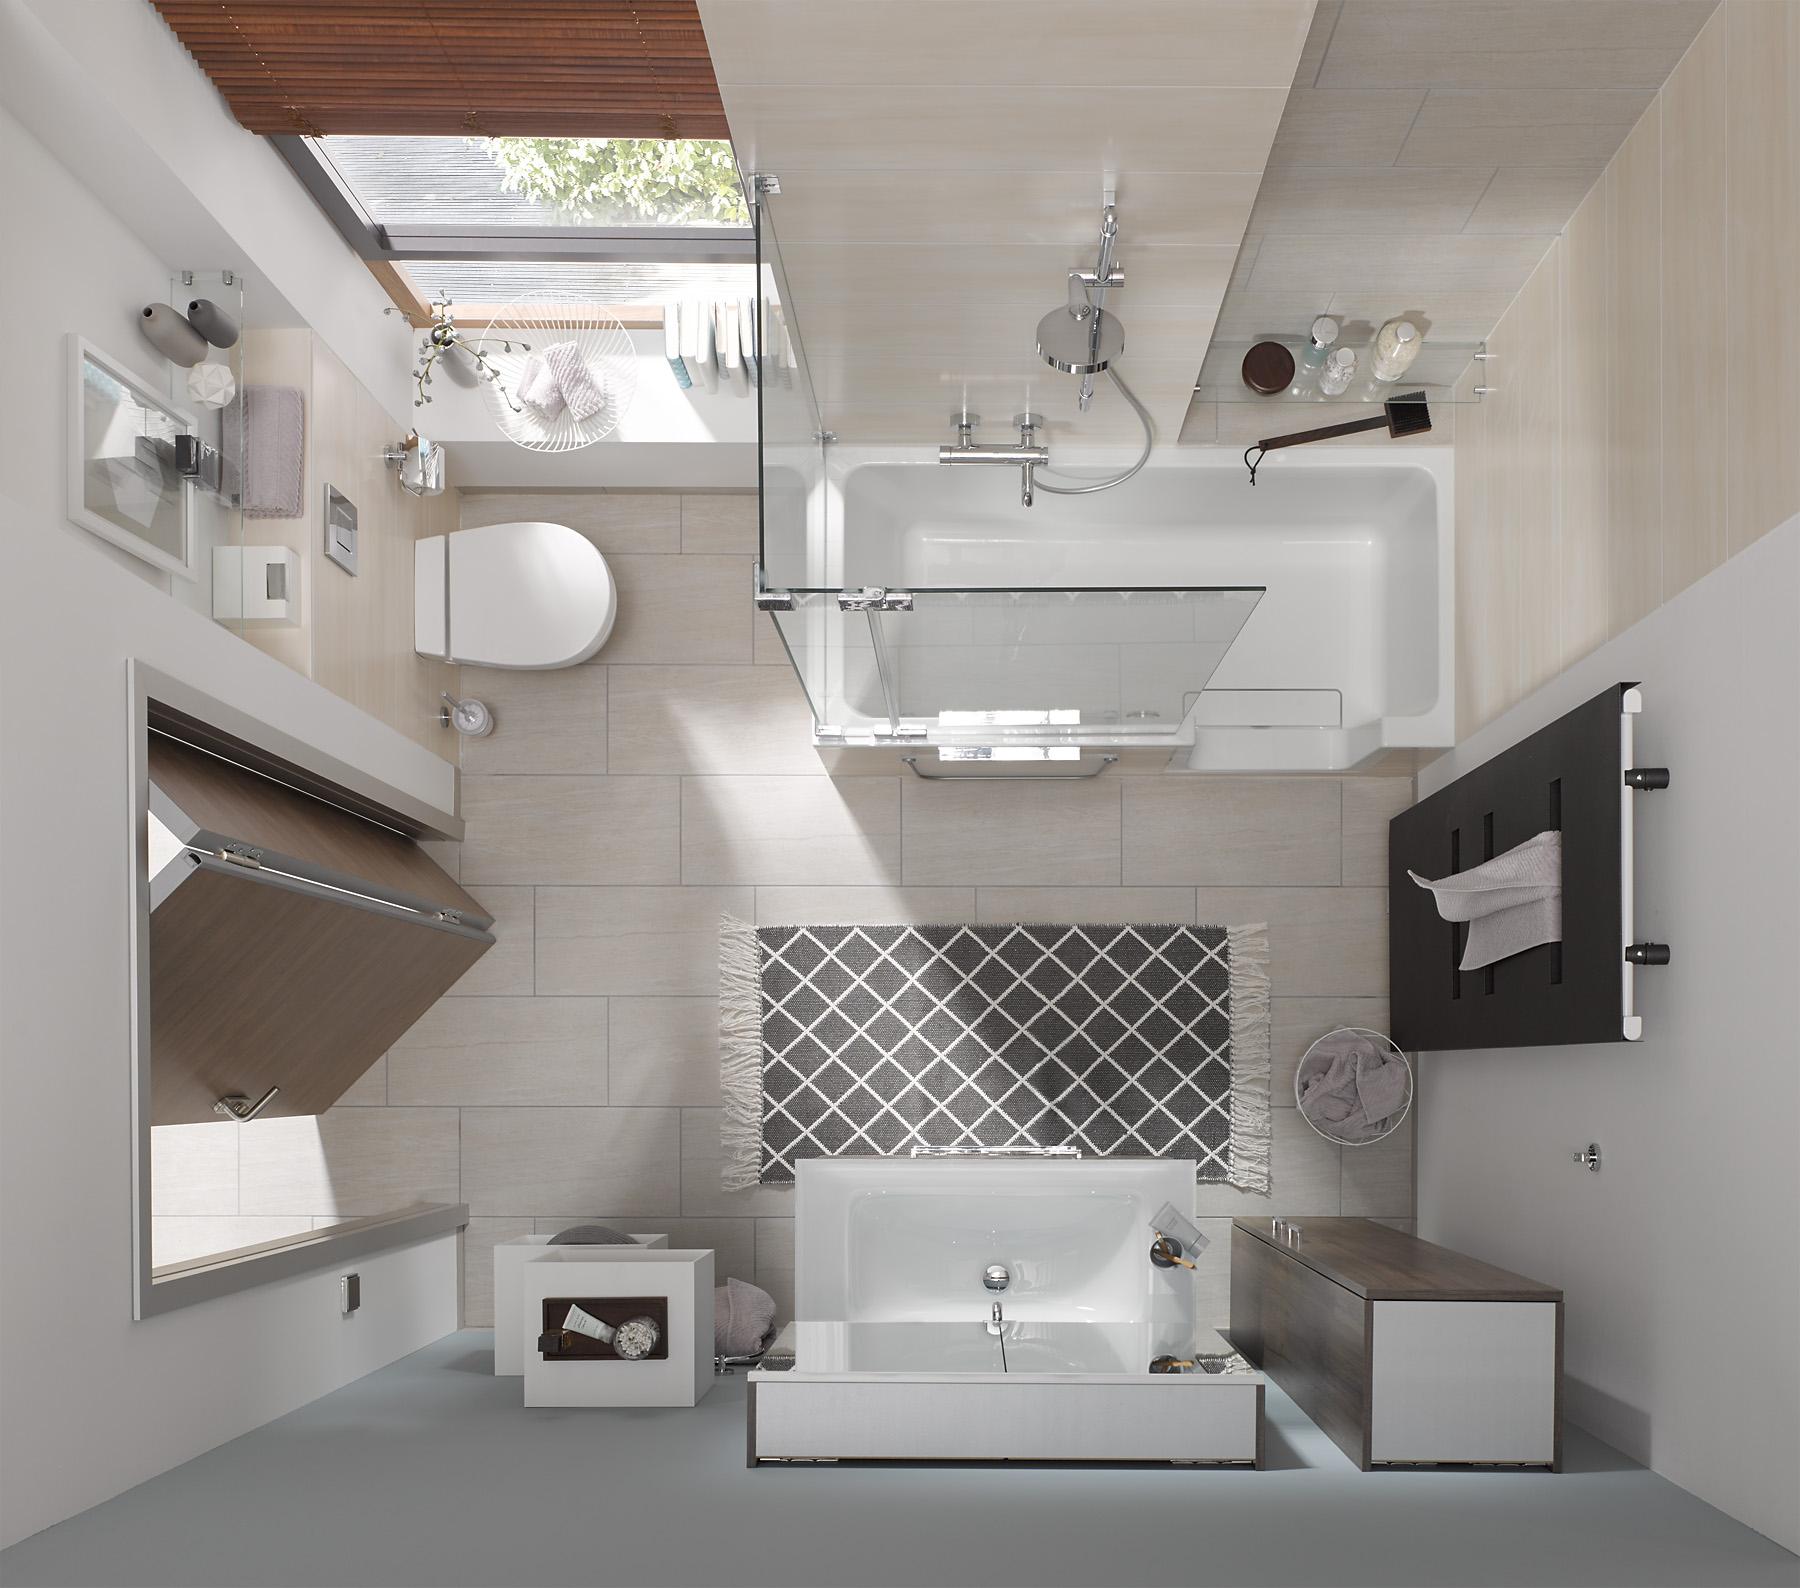 Raumspartür Auch Für Rollstuhl Und Rollatornutzer Küffner Aluzargen - Behindertengerechtes badezimmer